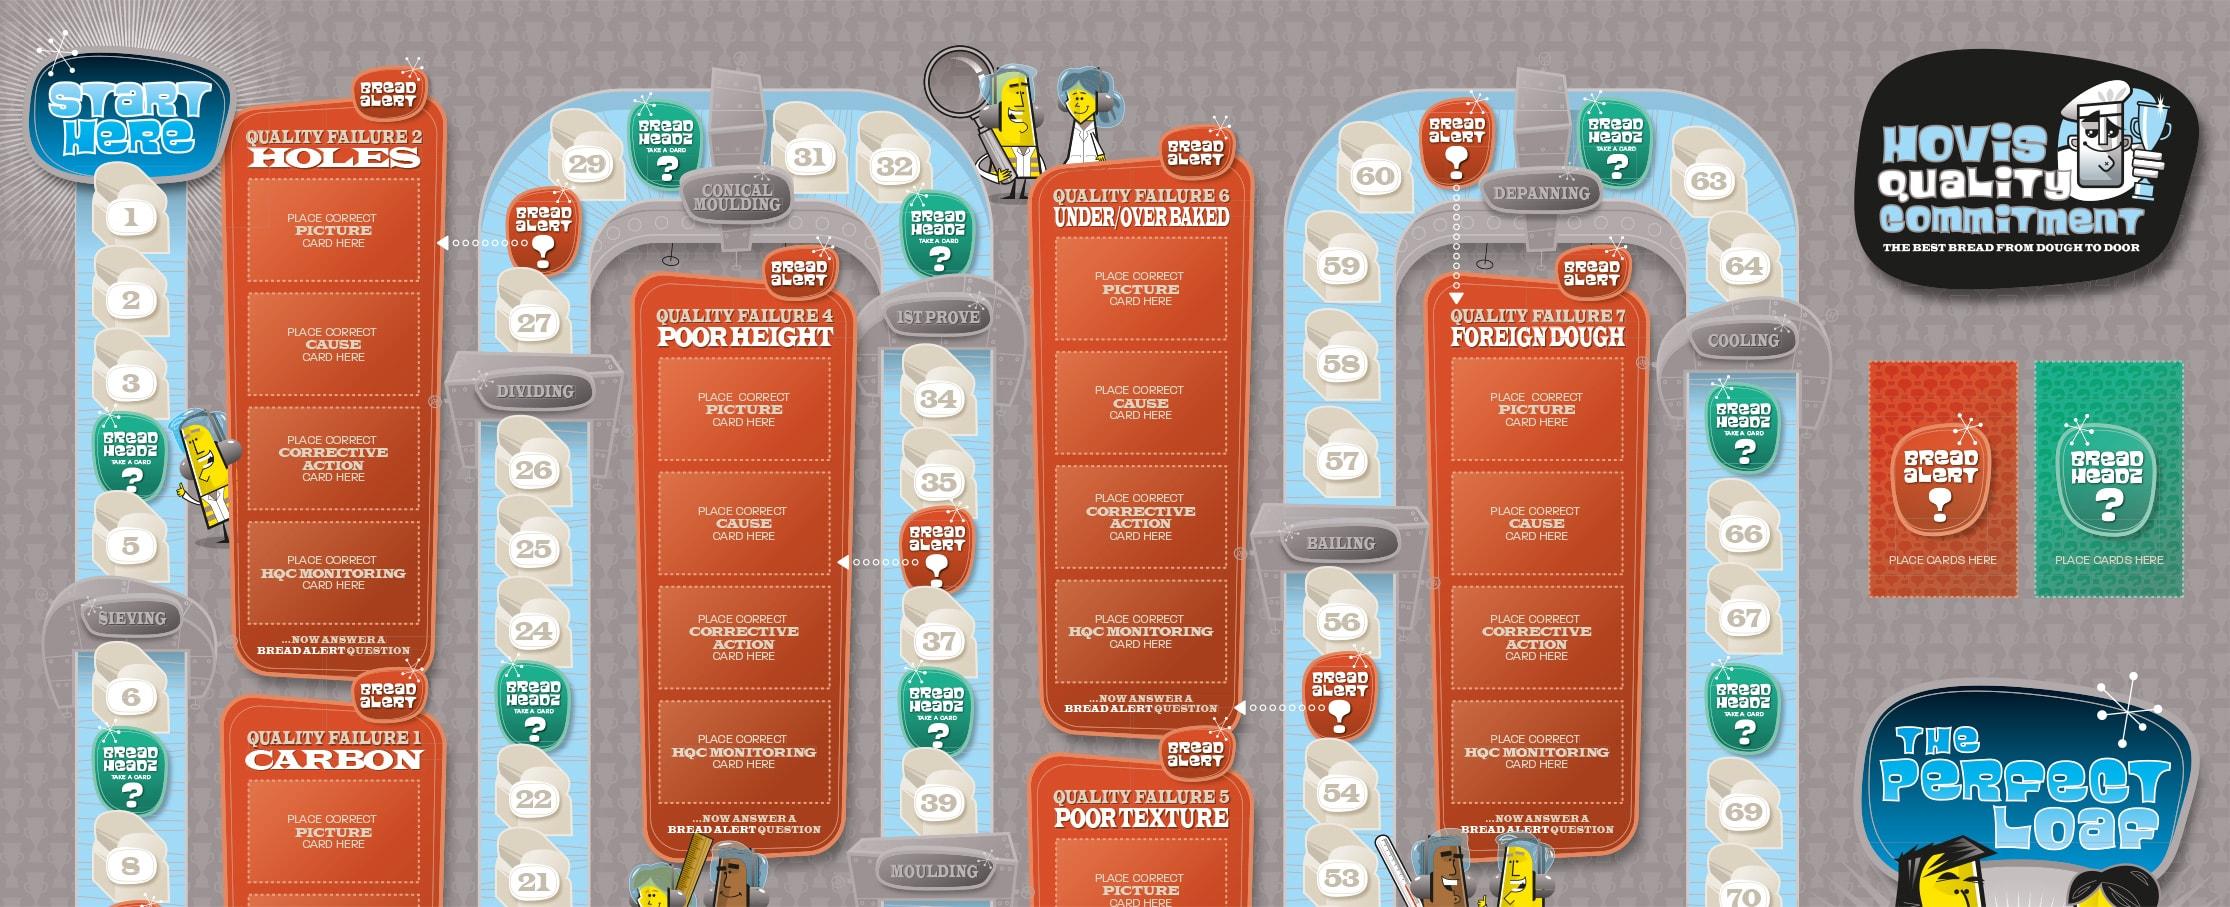 Hovis HQC board game design